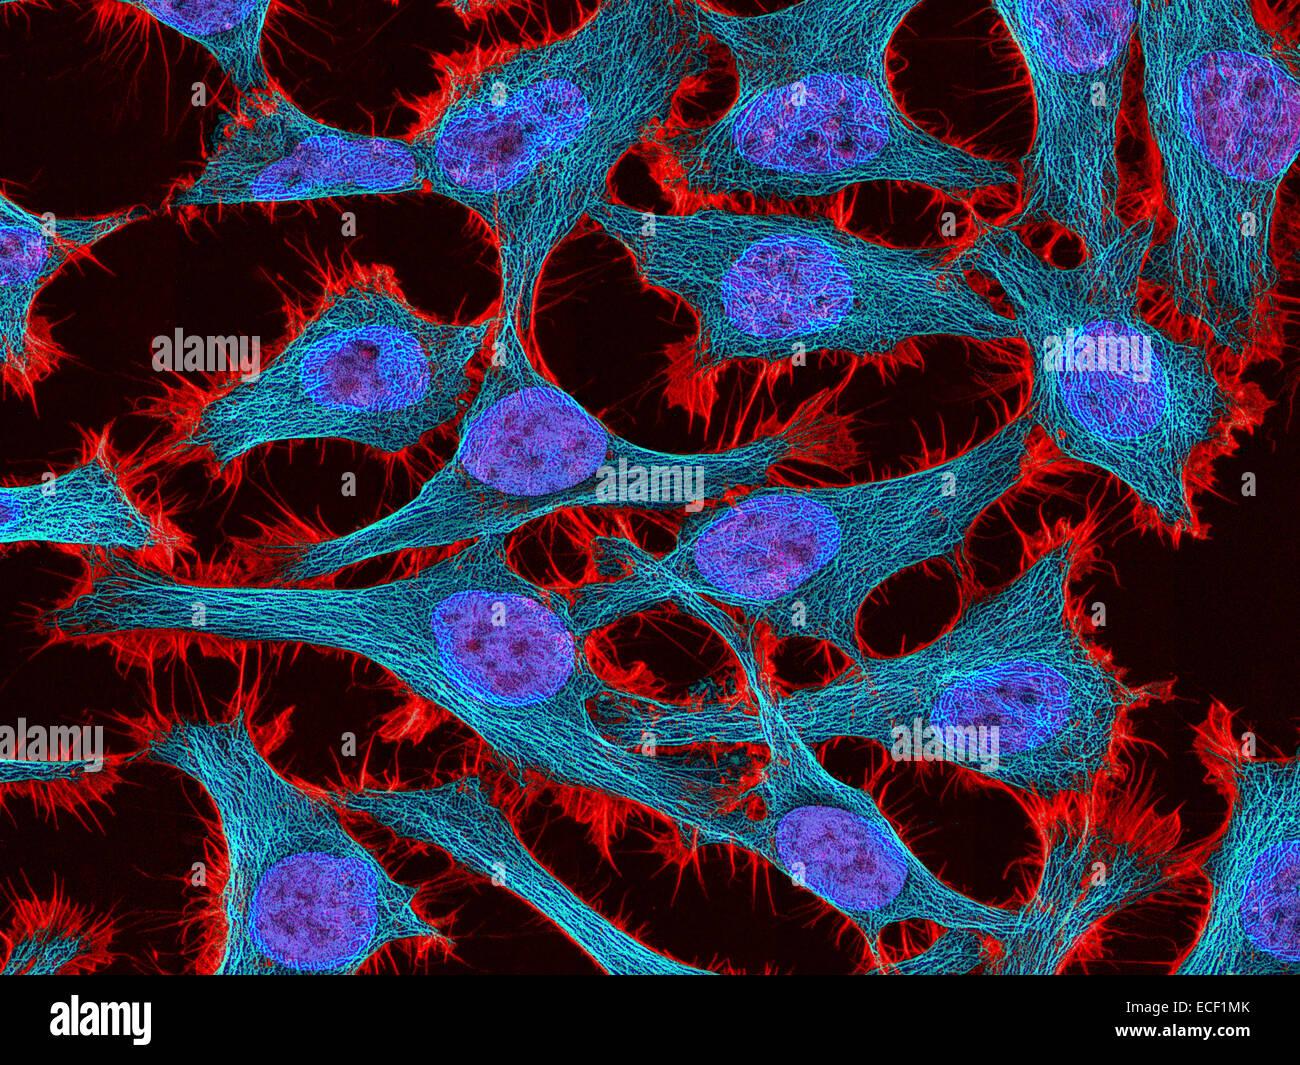 Multifotone immagine di fluorescenza di cellule HeLa macchiato di legame di actina phalloidin tossina (rosso), microtubuli Immagini Stock